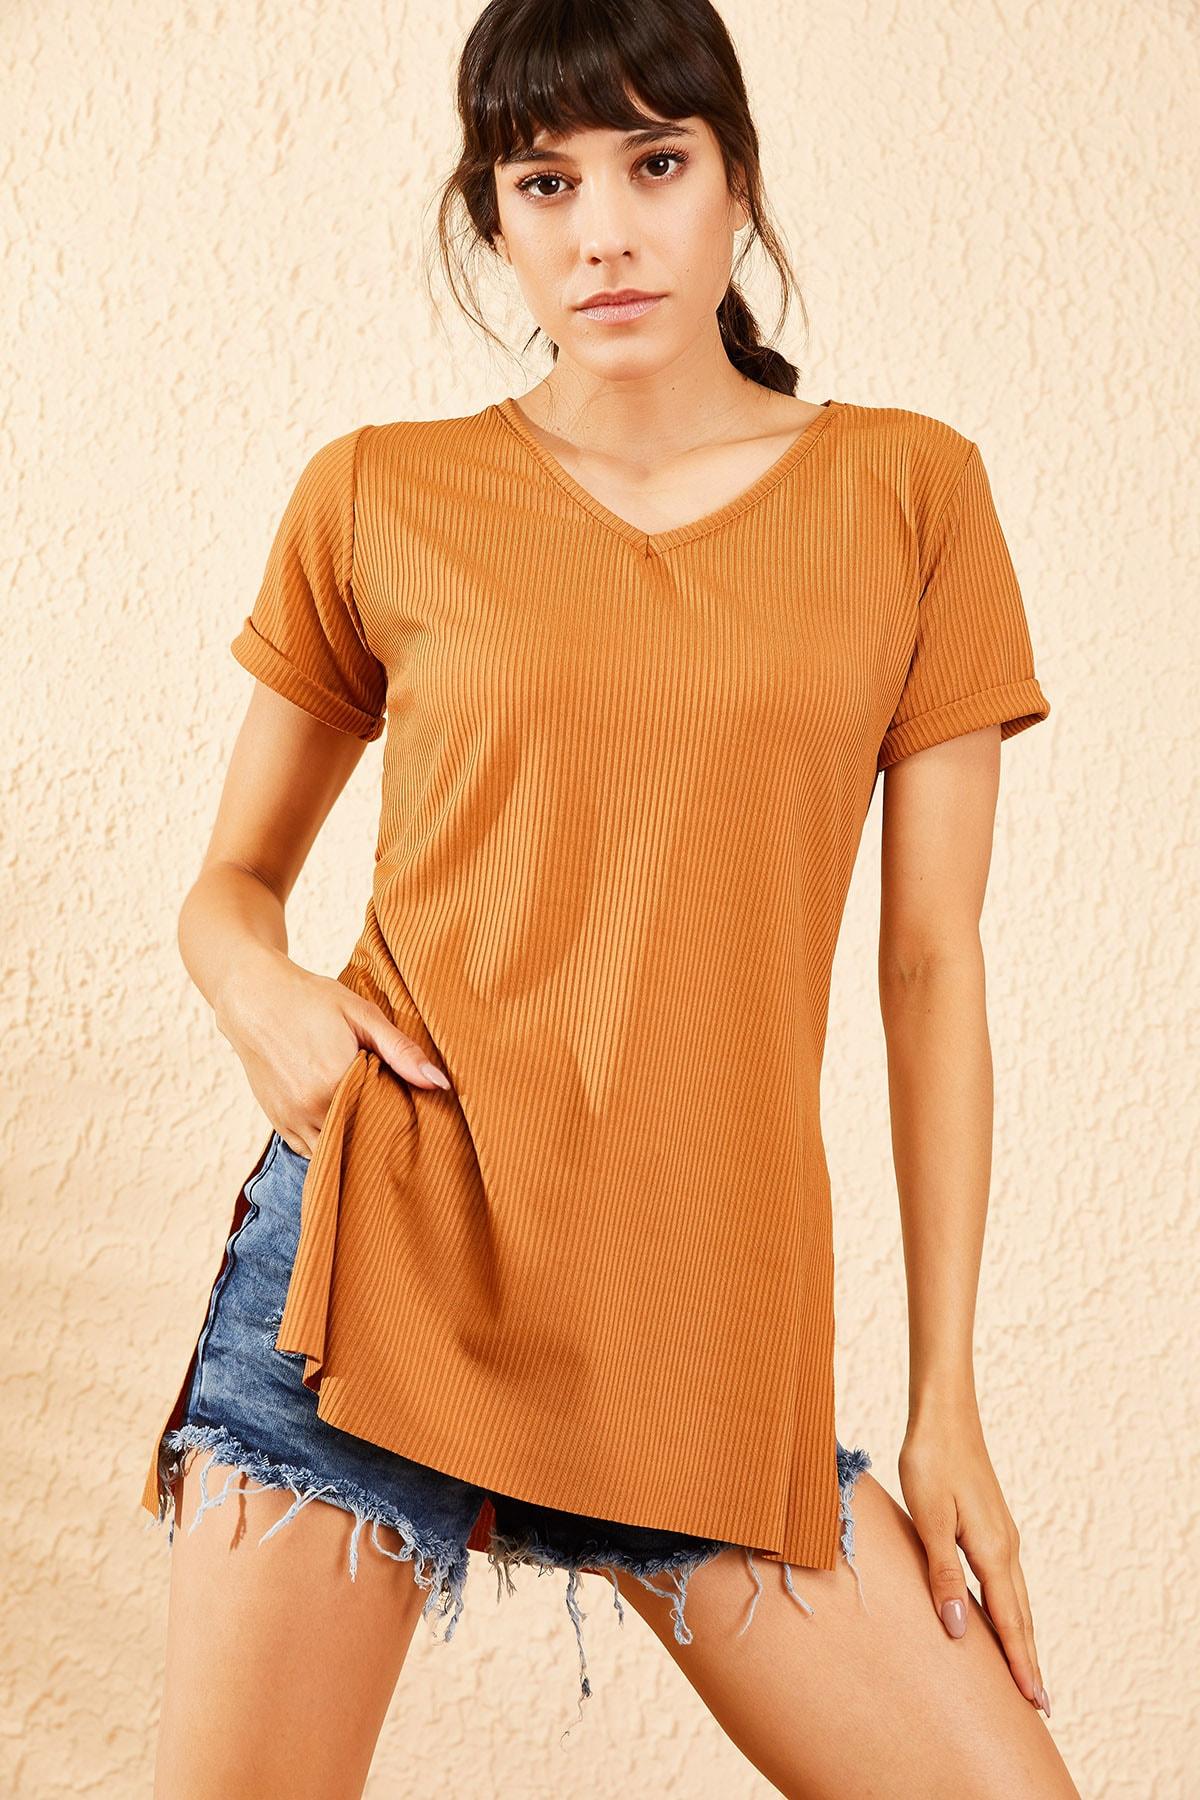 Bianco Lucci Kadın Taba Kol Yan Yırtmaçlı Kol Detay Kaşkorse T-Shirt 10051012 0